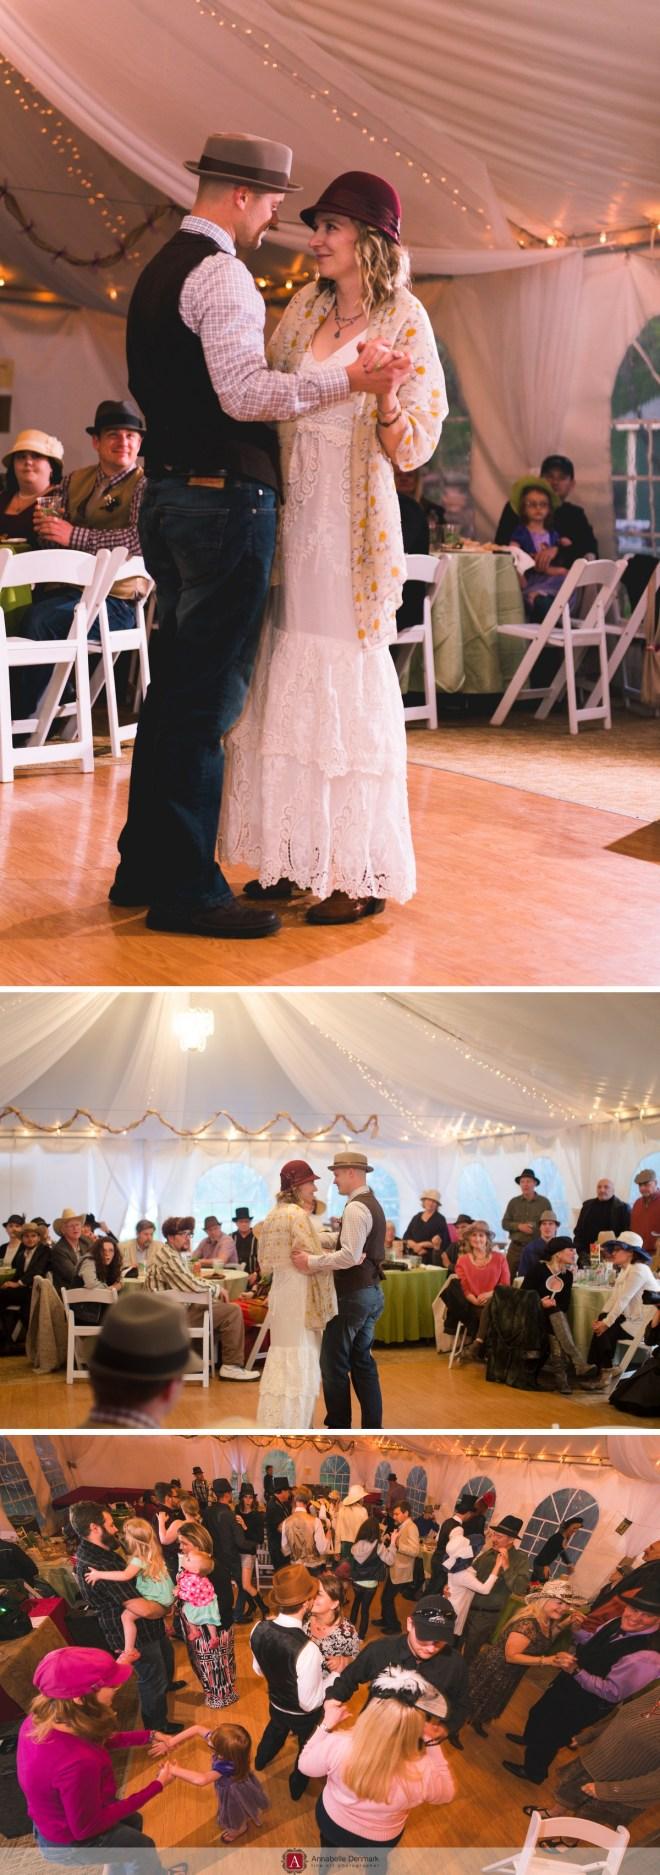 Hat Wedding in Colorado's Foohills